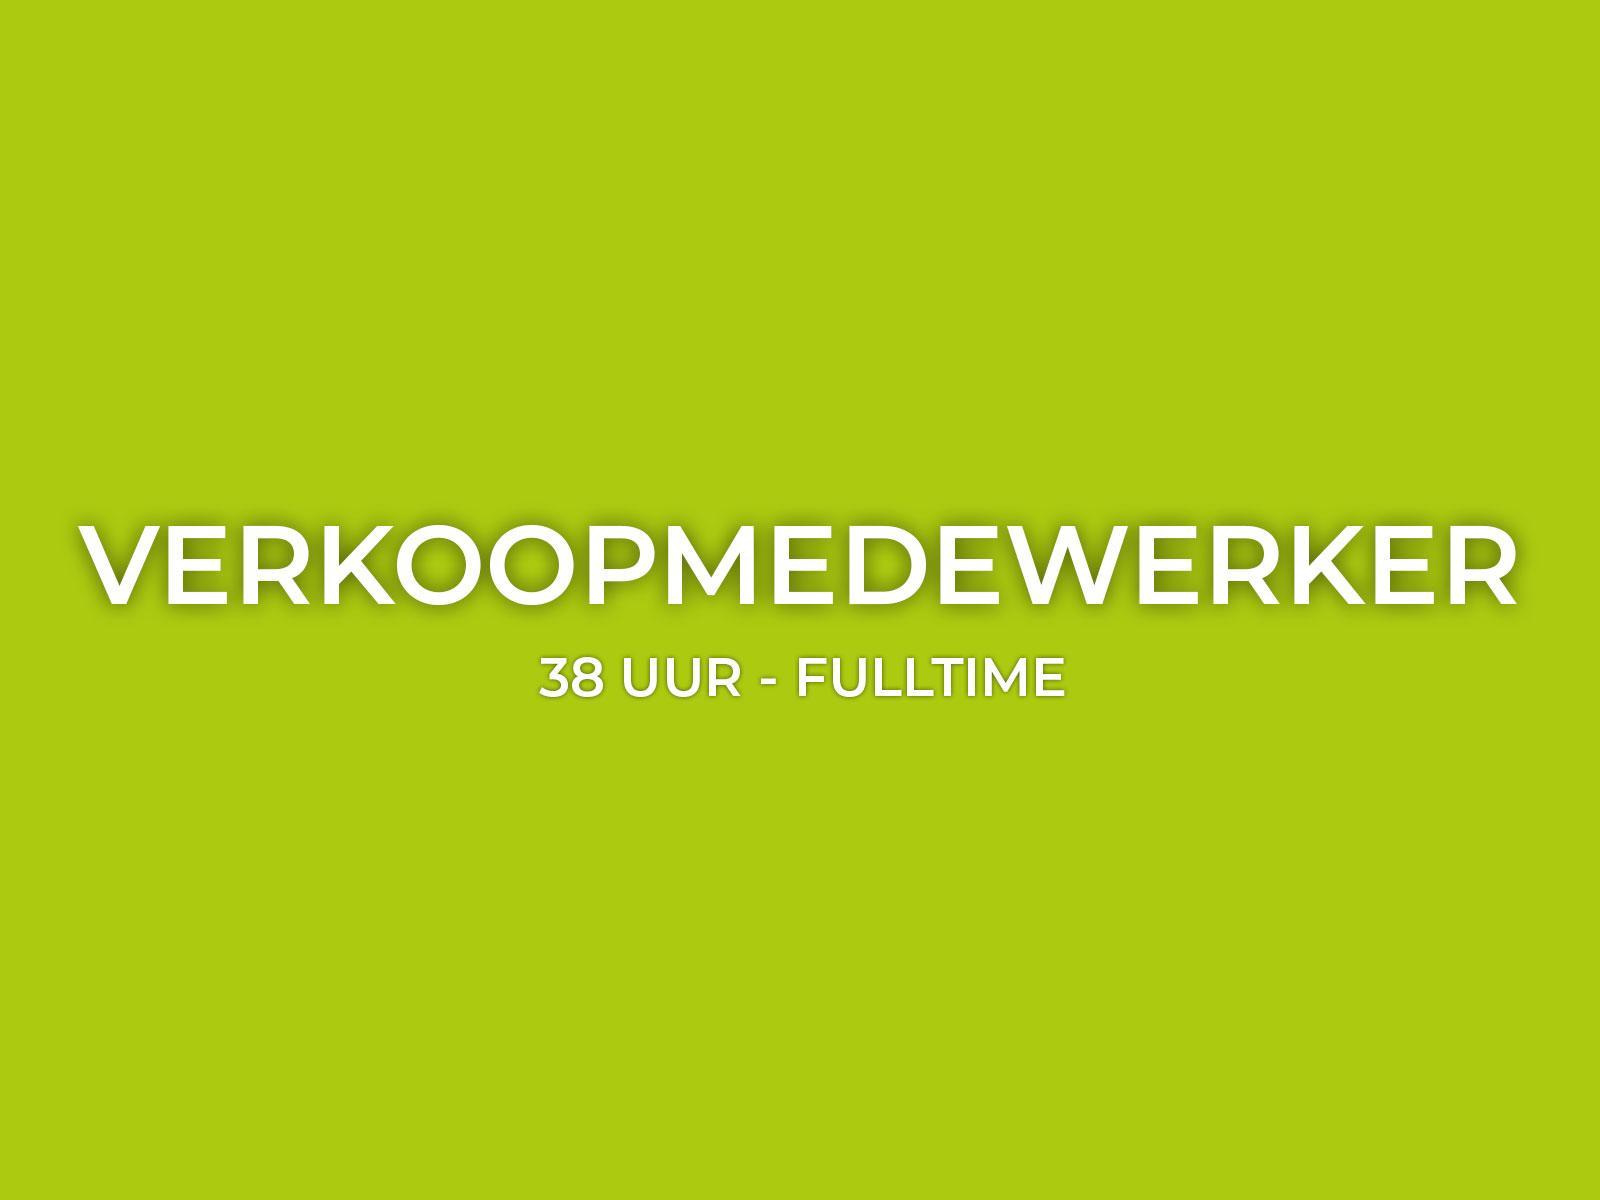 Vacature verkoopmedewerker VLOERLOODS.nl